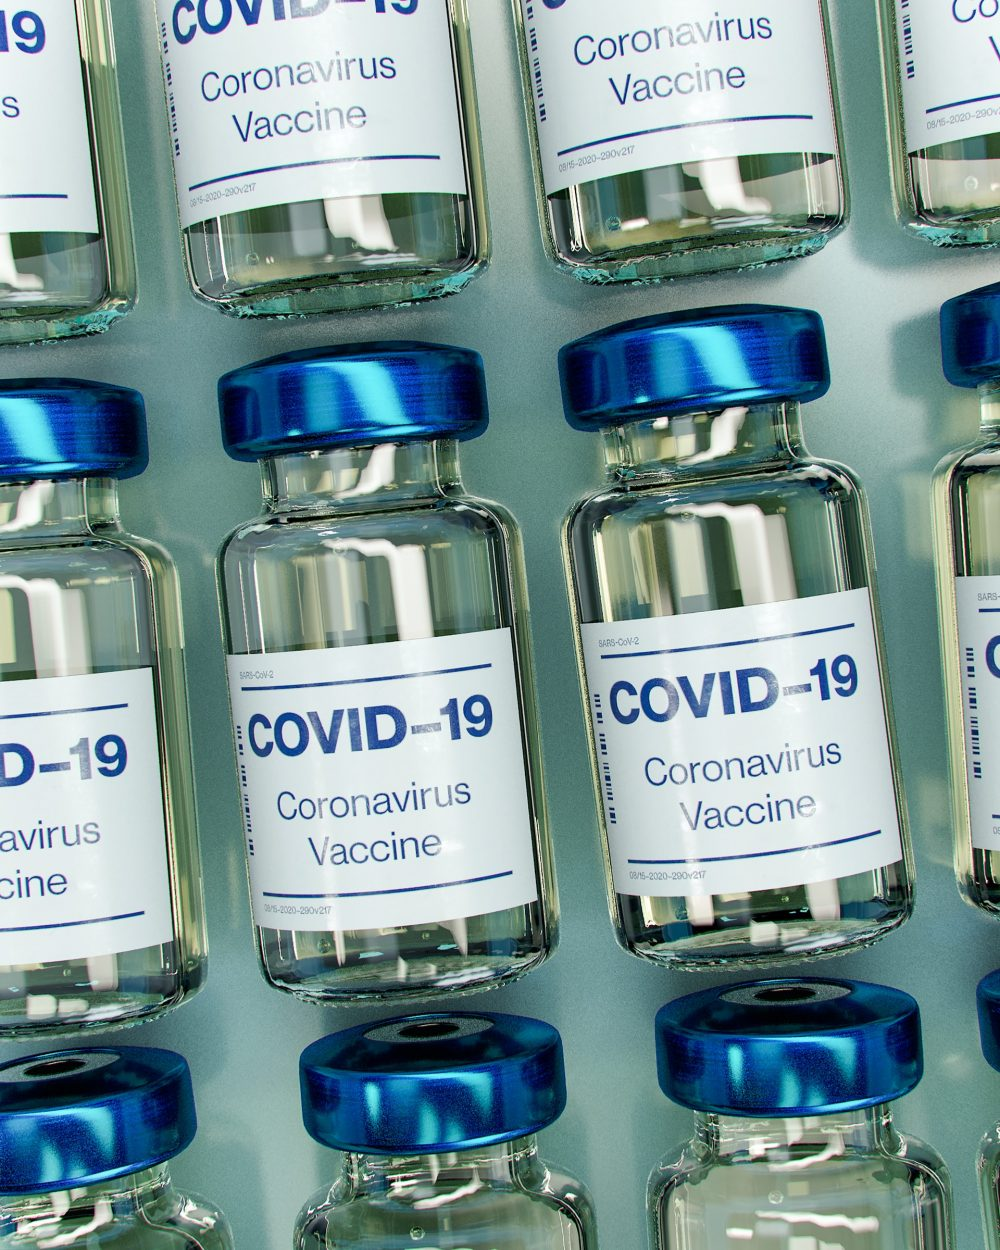 Coronavirus vaccine - Coronavirus News UK